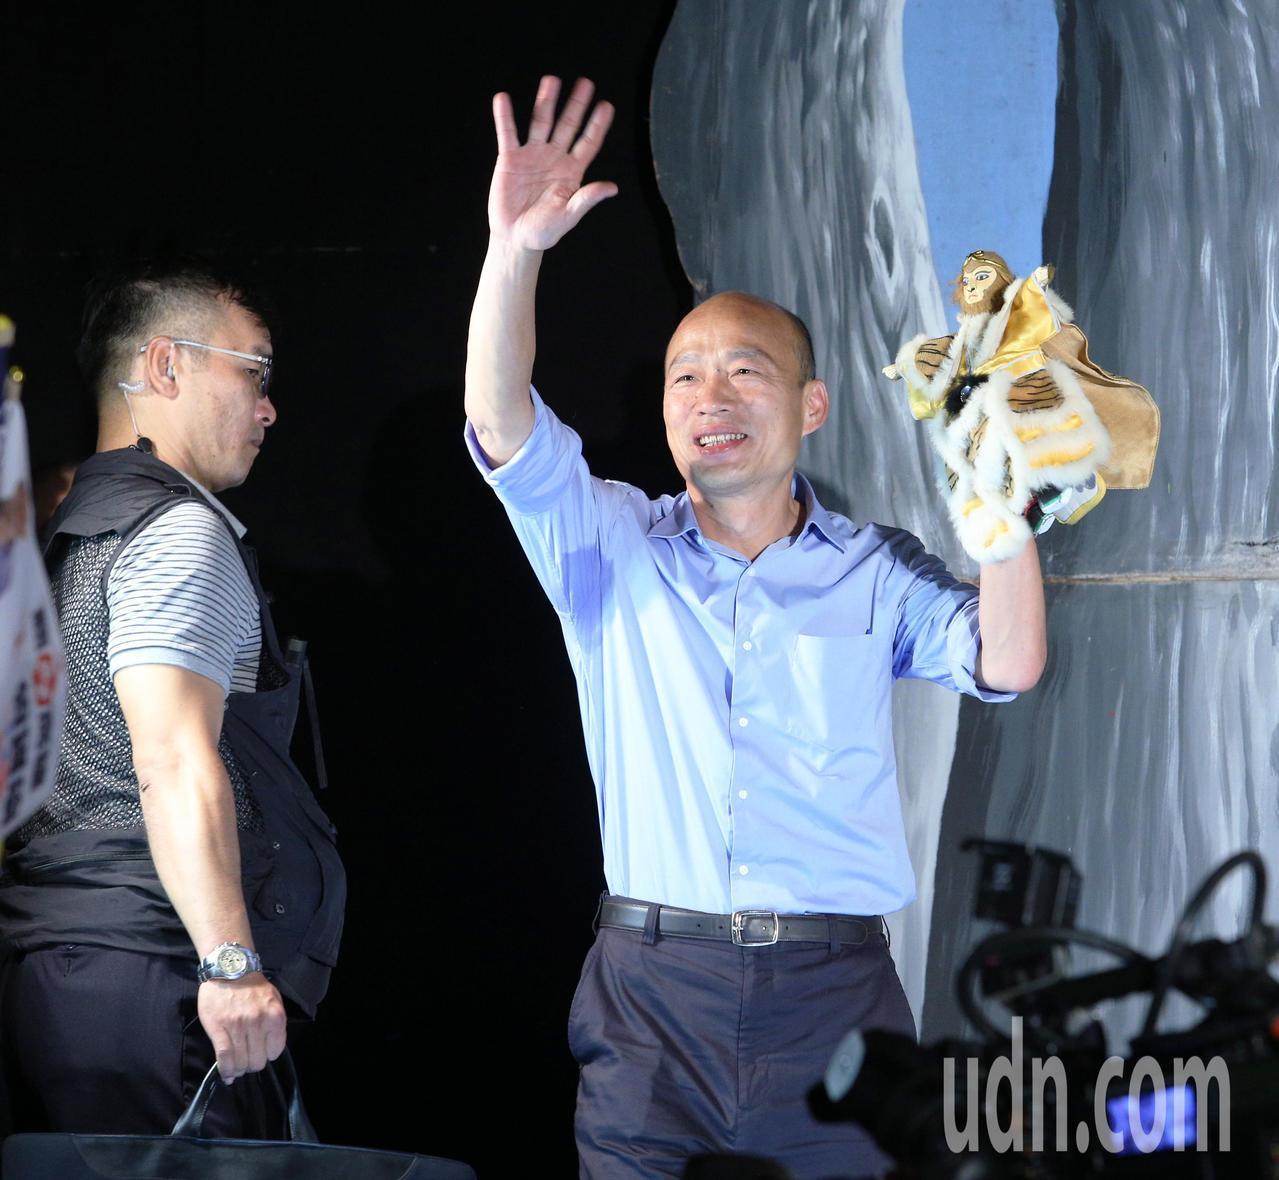 韓國瑜手拿著孫悟空布袋戲偶現身。記者劉學聖/攝影